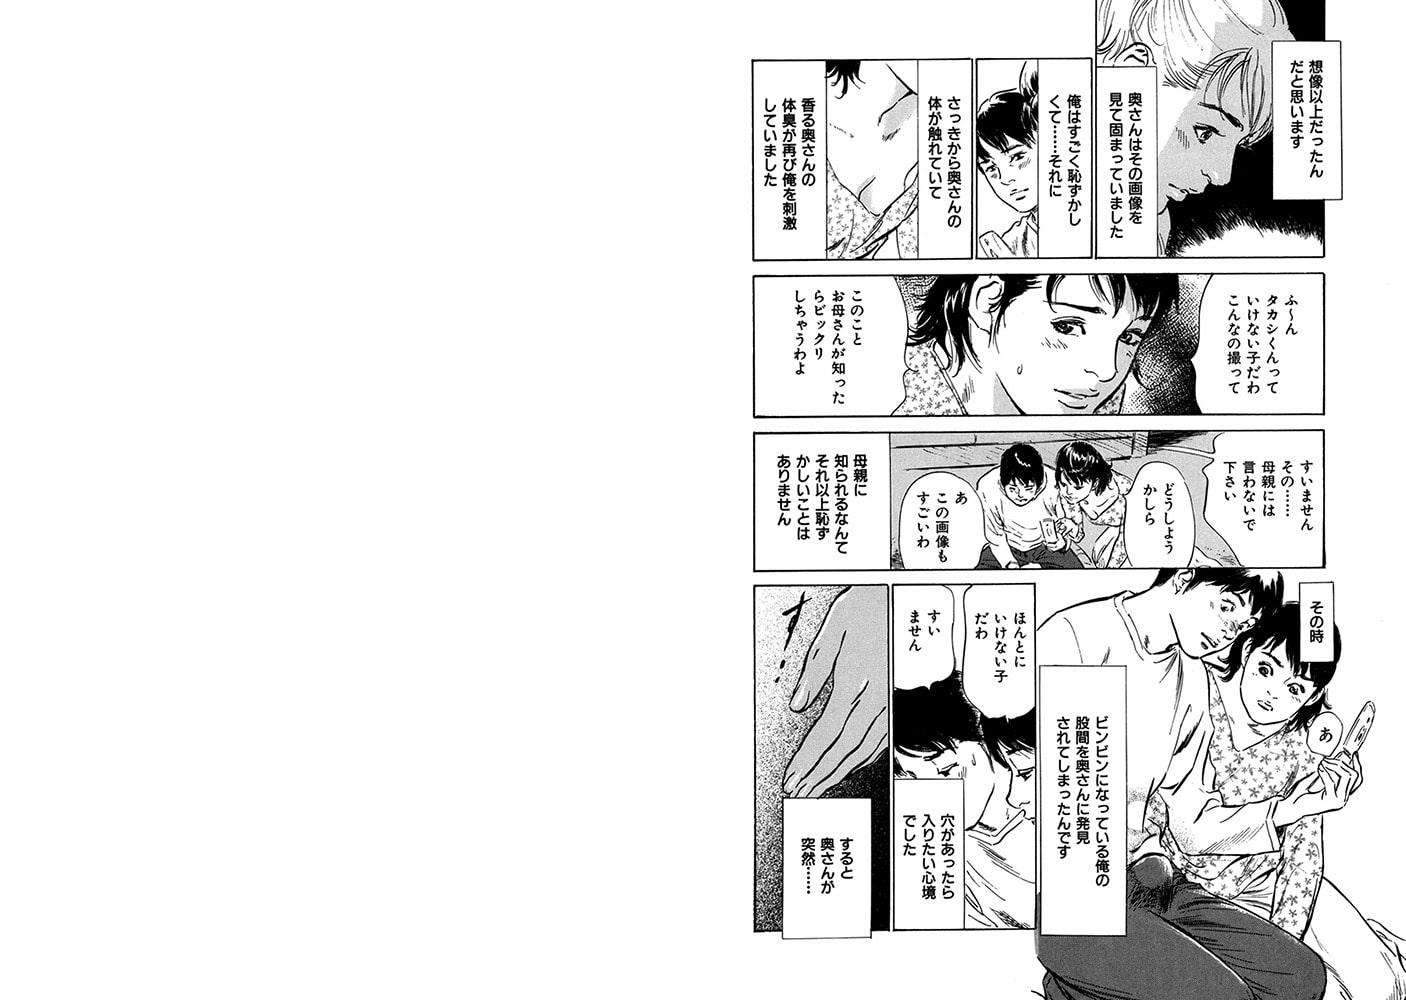 八月薫全集 第8巻 健全な肉体と猥褻な精神